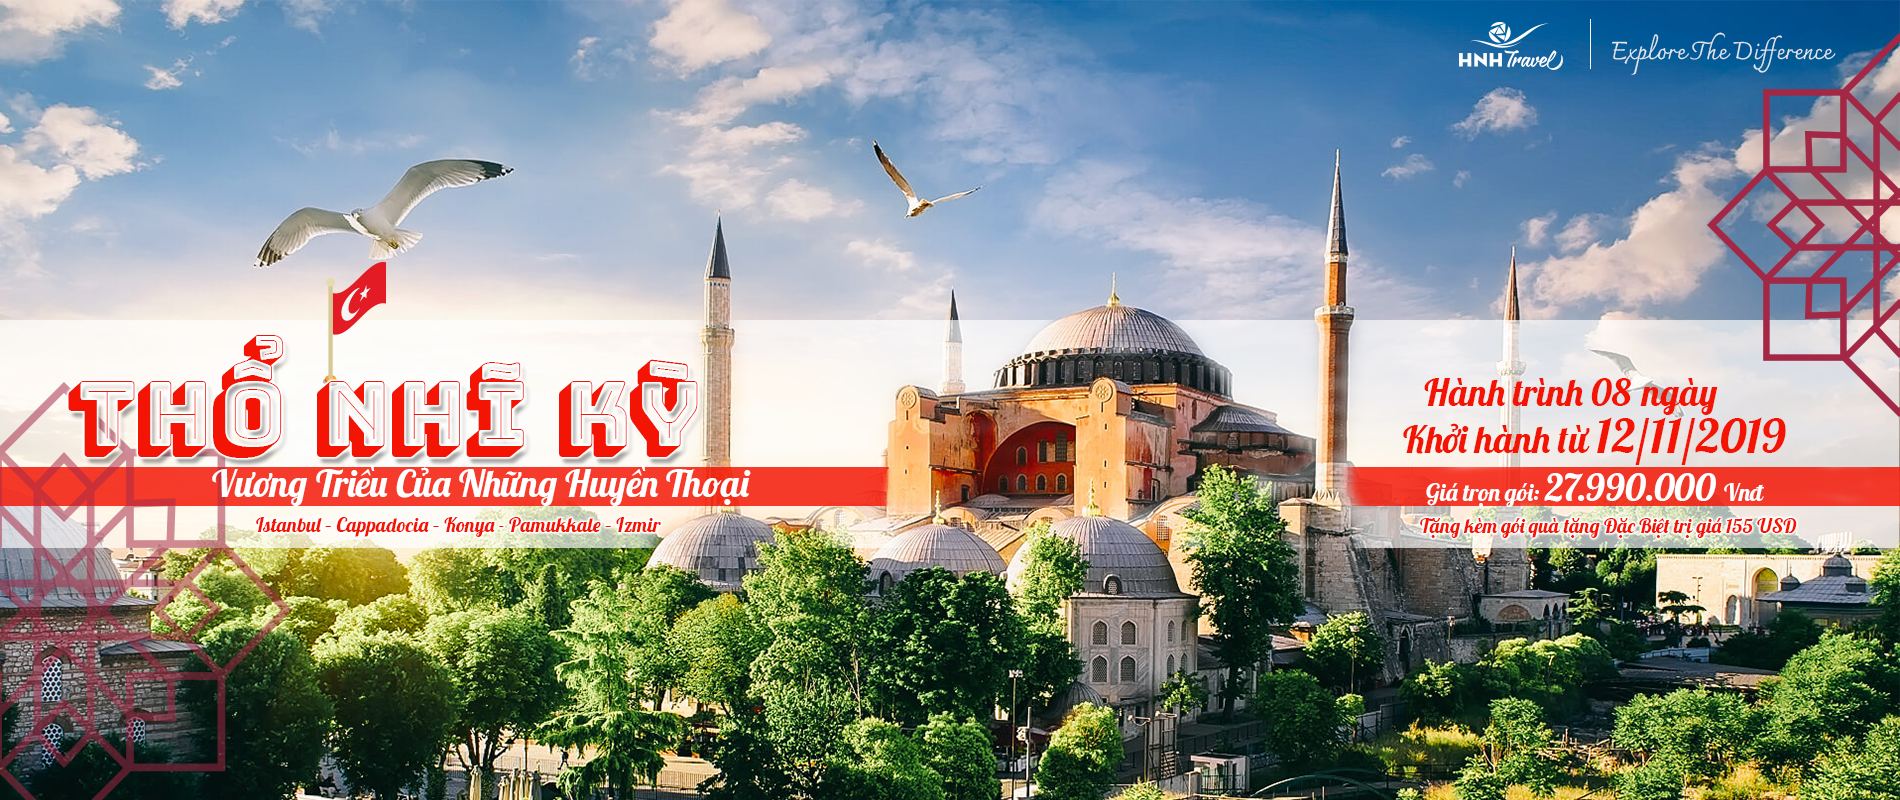 Thổ Nhĩ Kỳ - 8 ngày 8 đêm